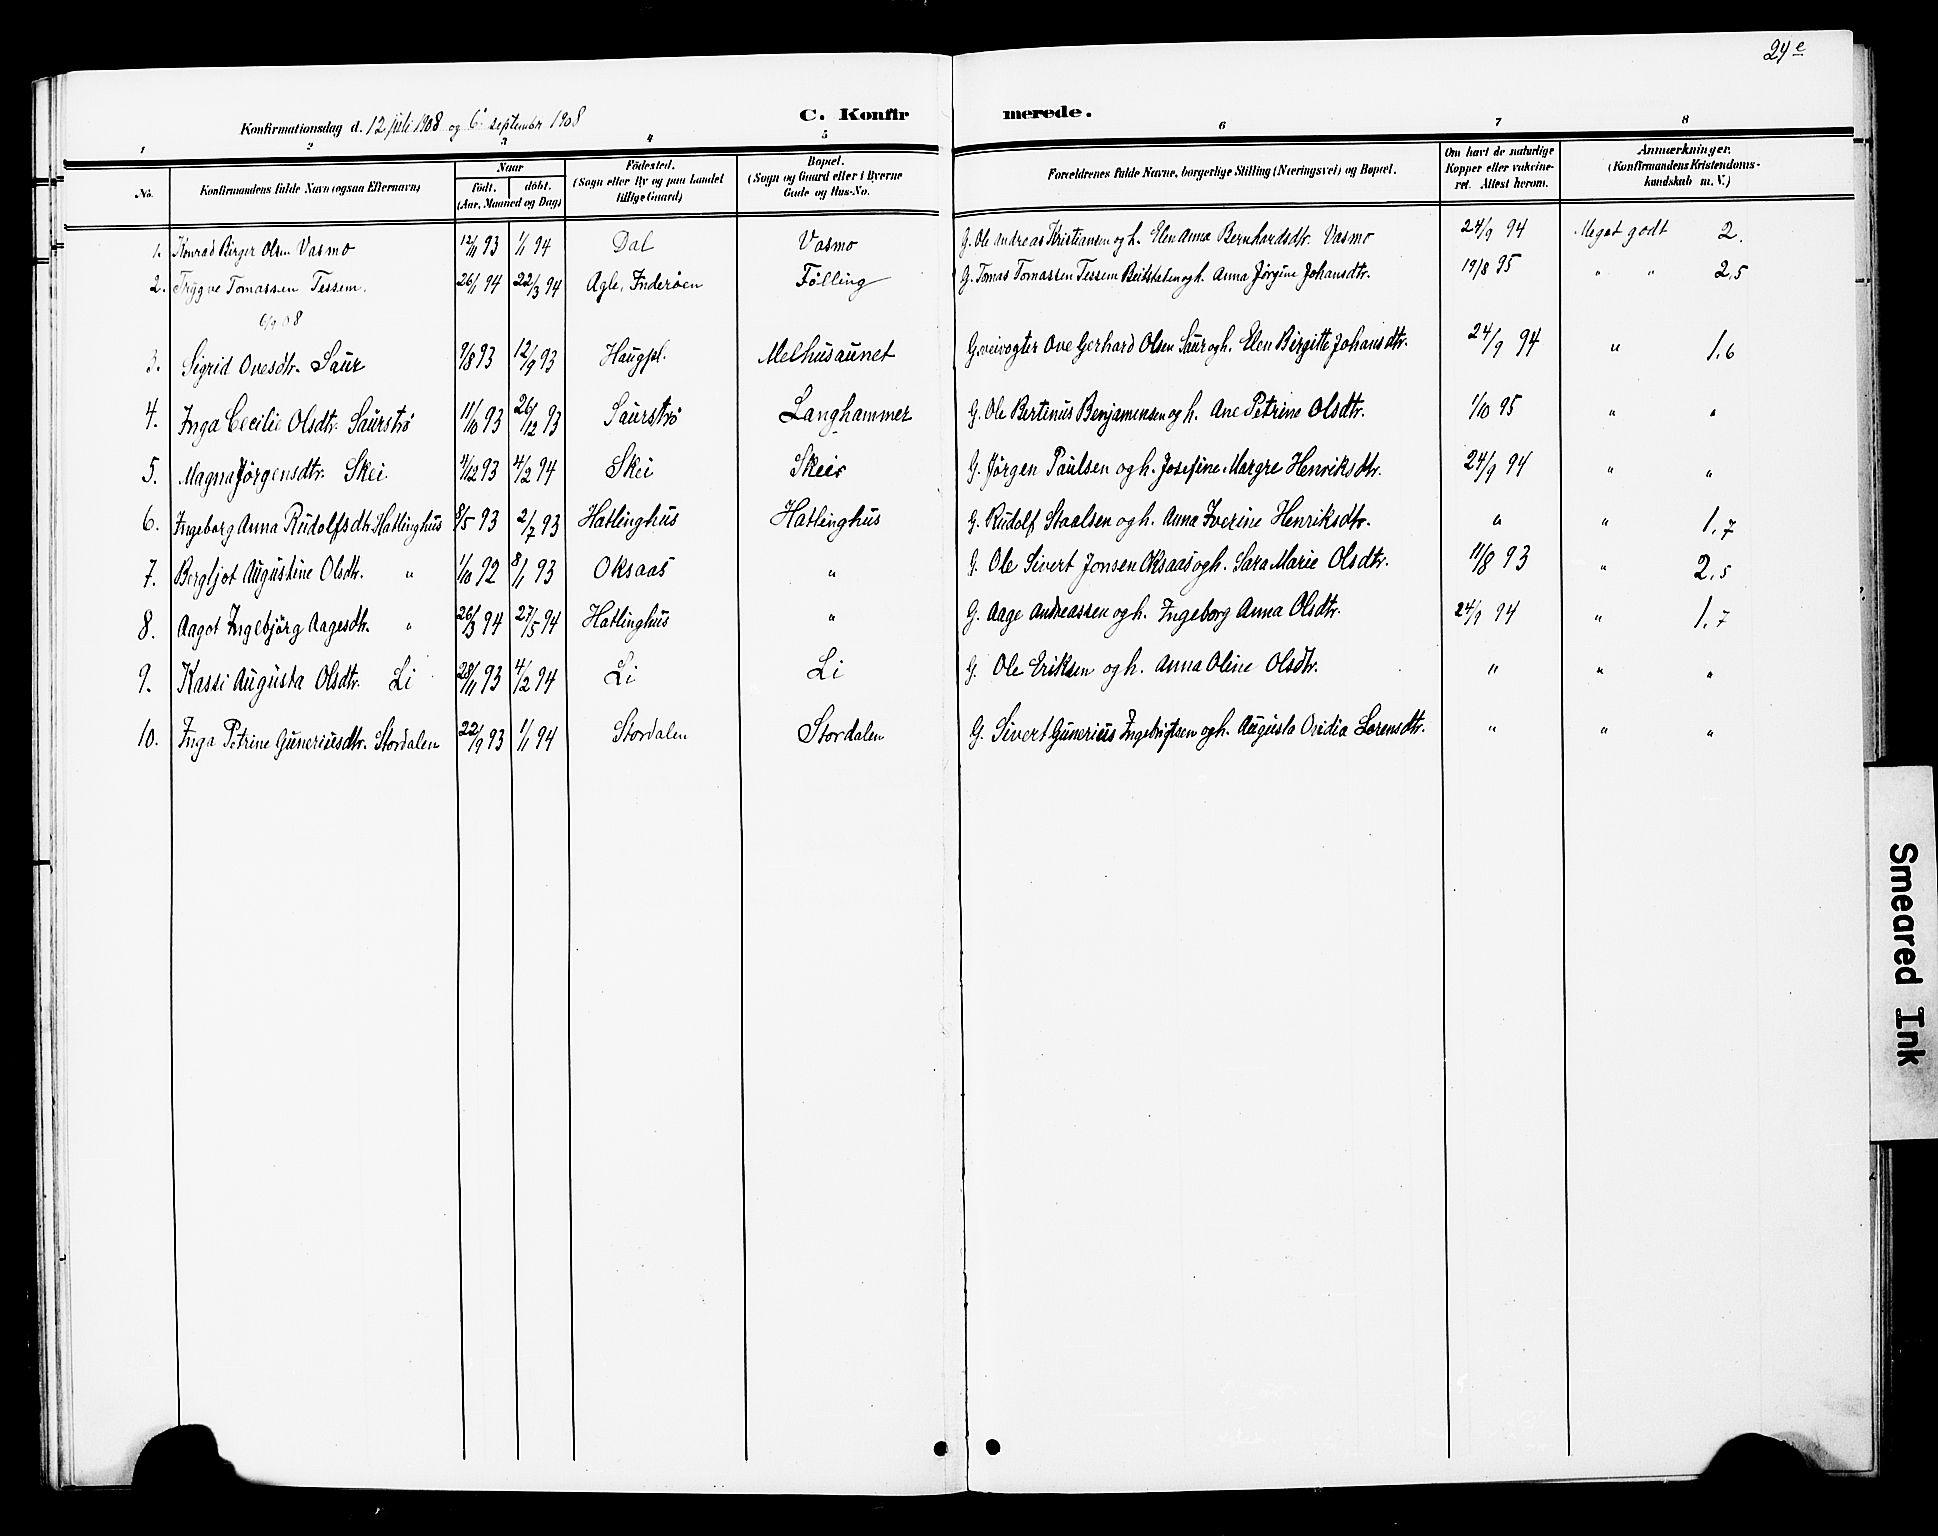 SAT, Ministerialprotokoller, klokkerbøker og fødselsregistre - Nord-Trøndelag, 748/L0464: Ministerialbok nr. 748A01, 1900-1908, s. 24e